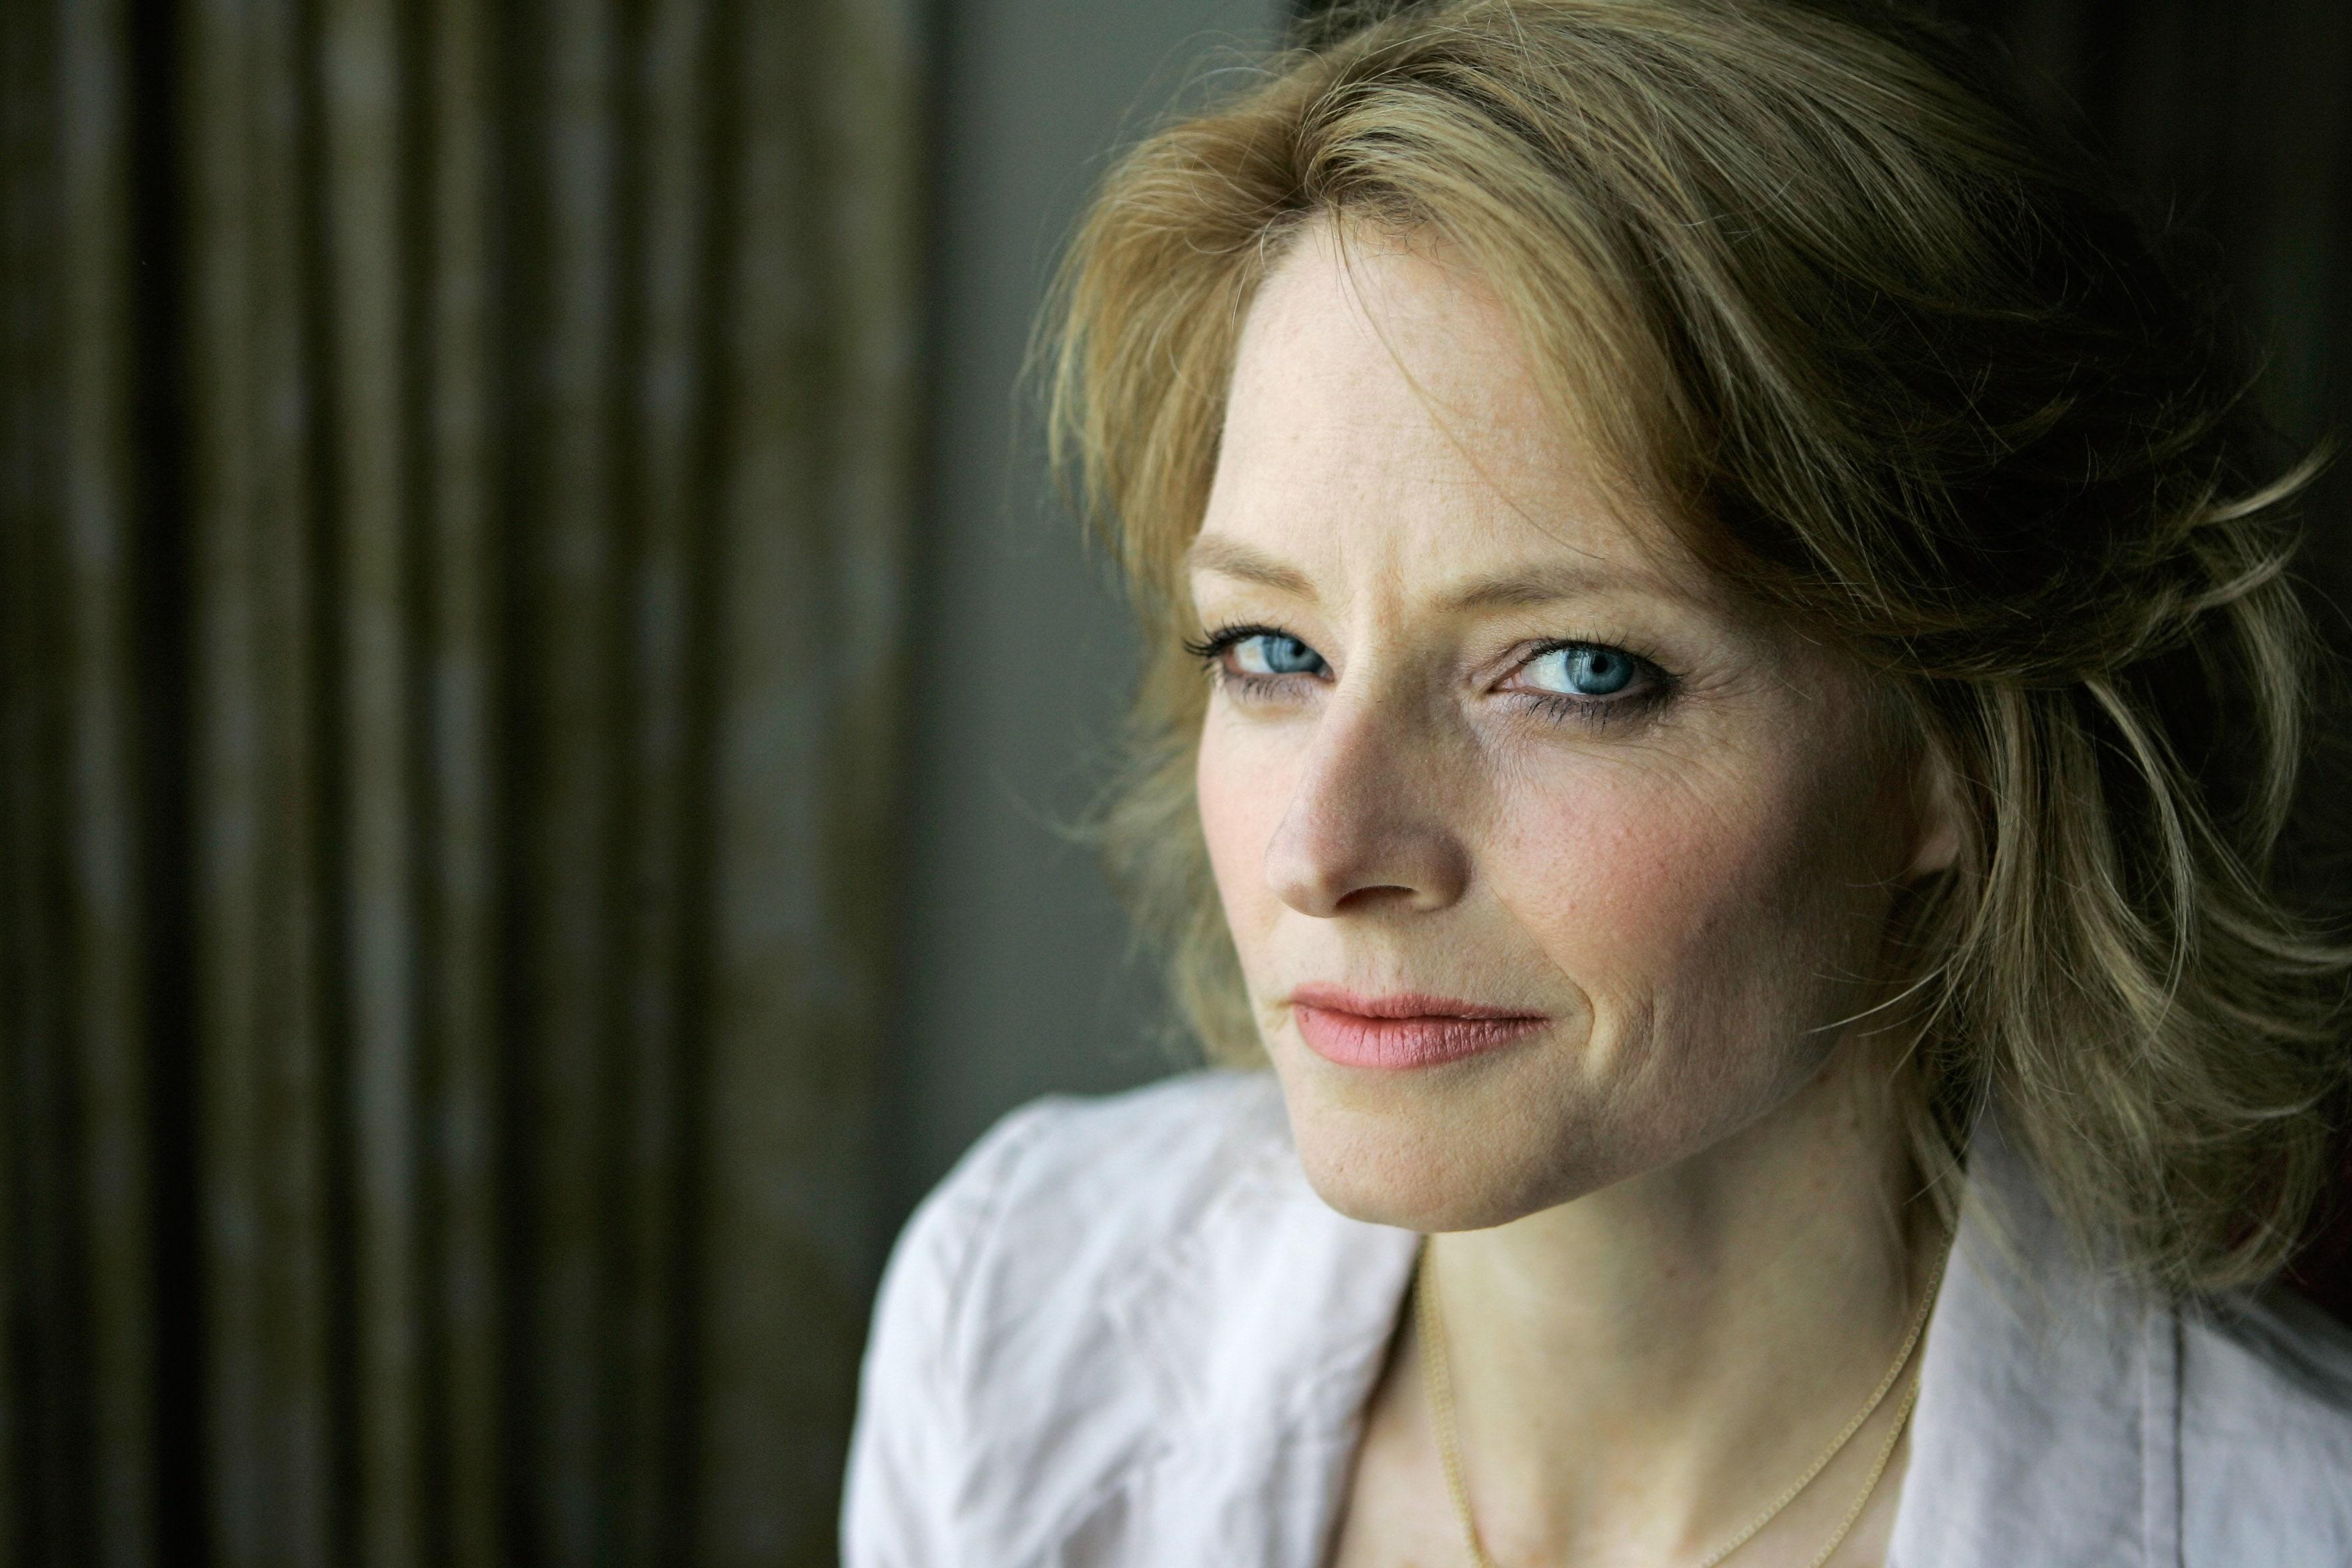 Jodie Foster Background